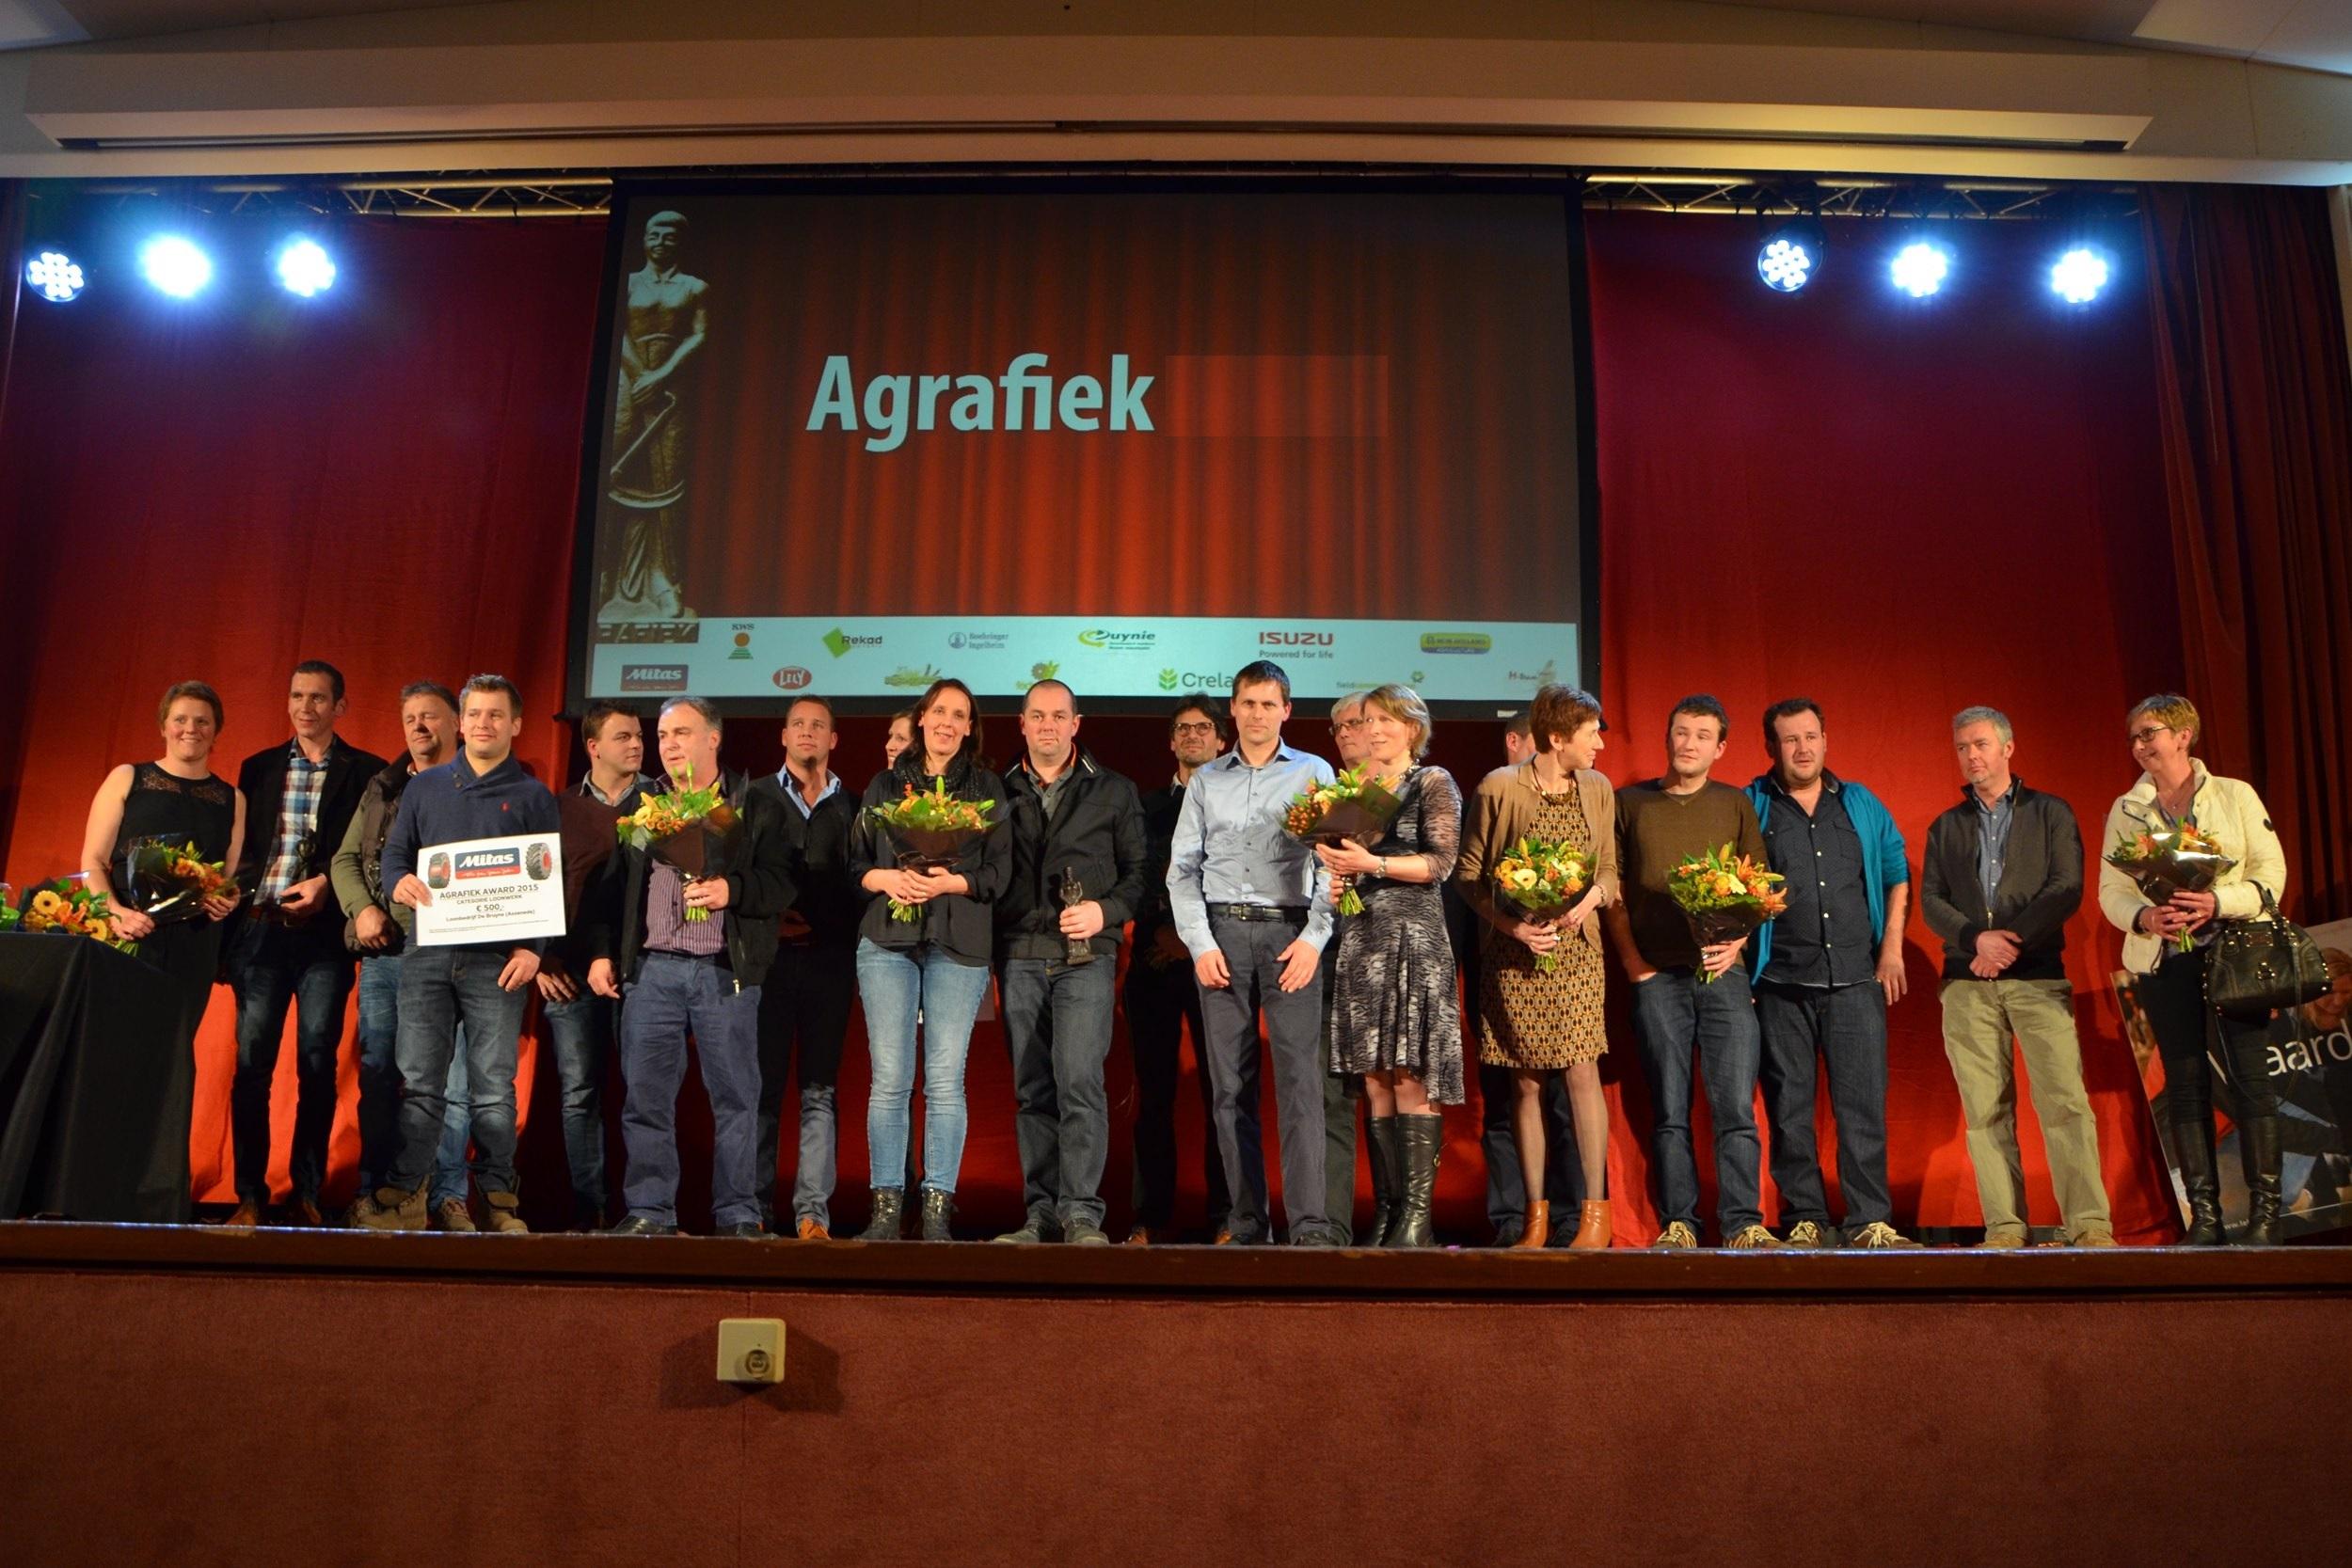 16e editie van de Agrafiek Award tijdens Agribex 2017